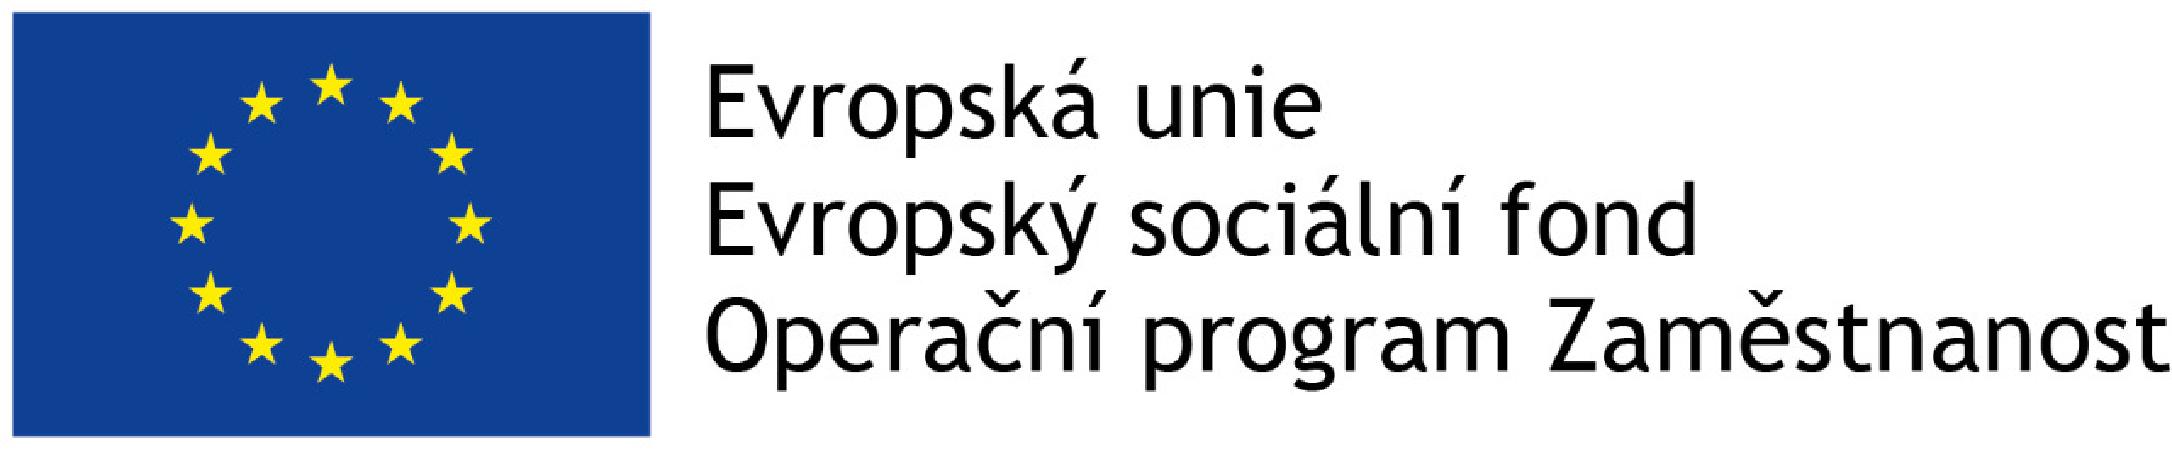 EU Operační program zaměstnanost